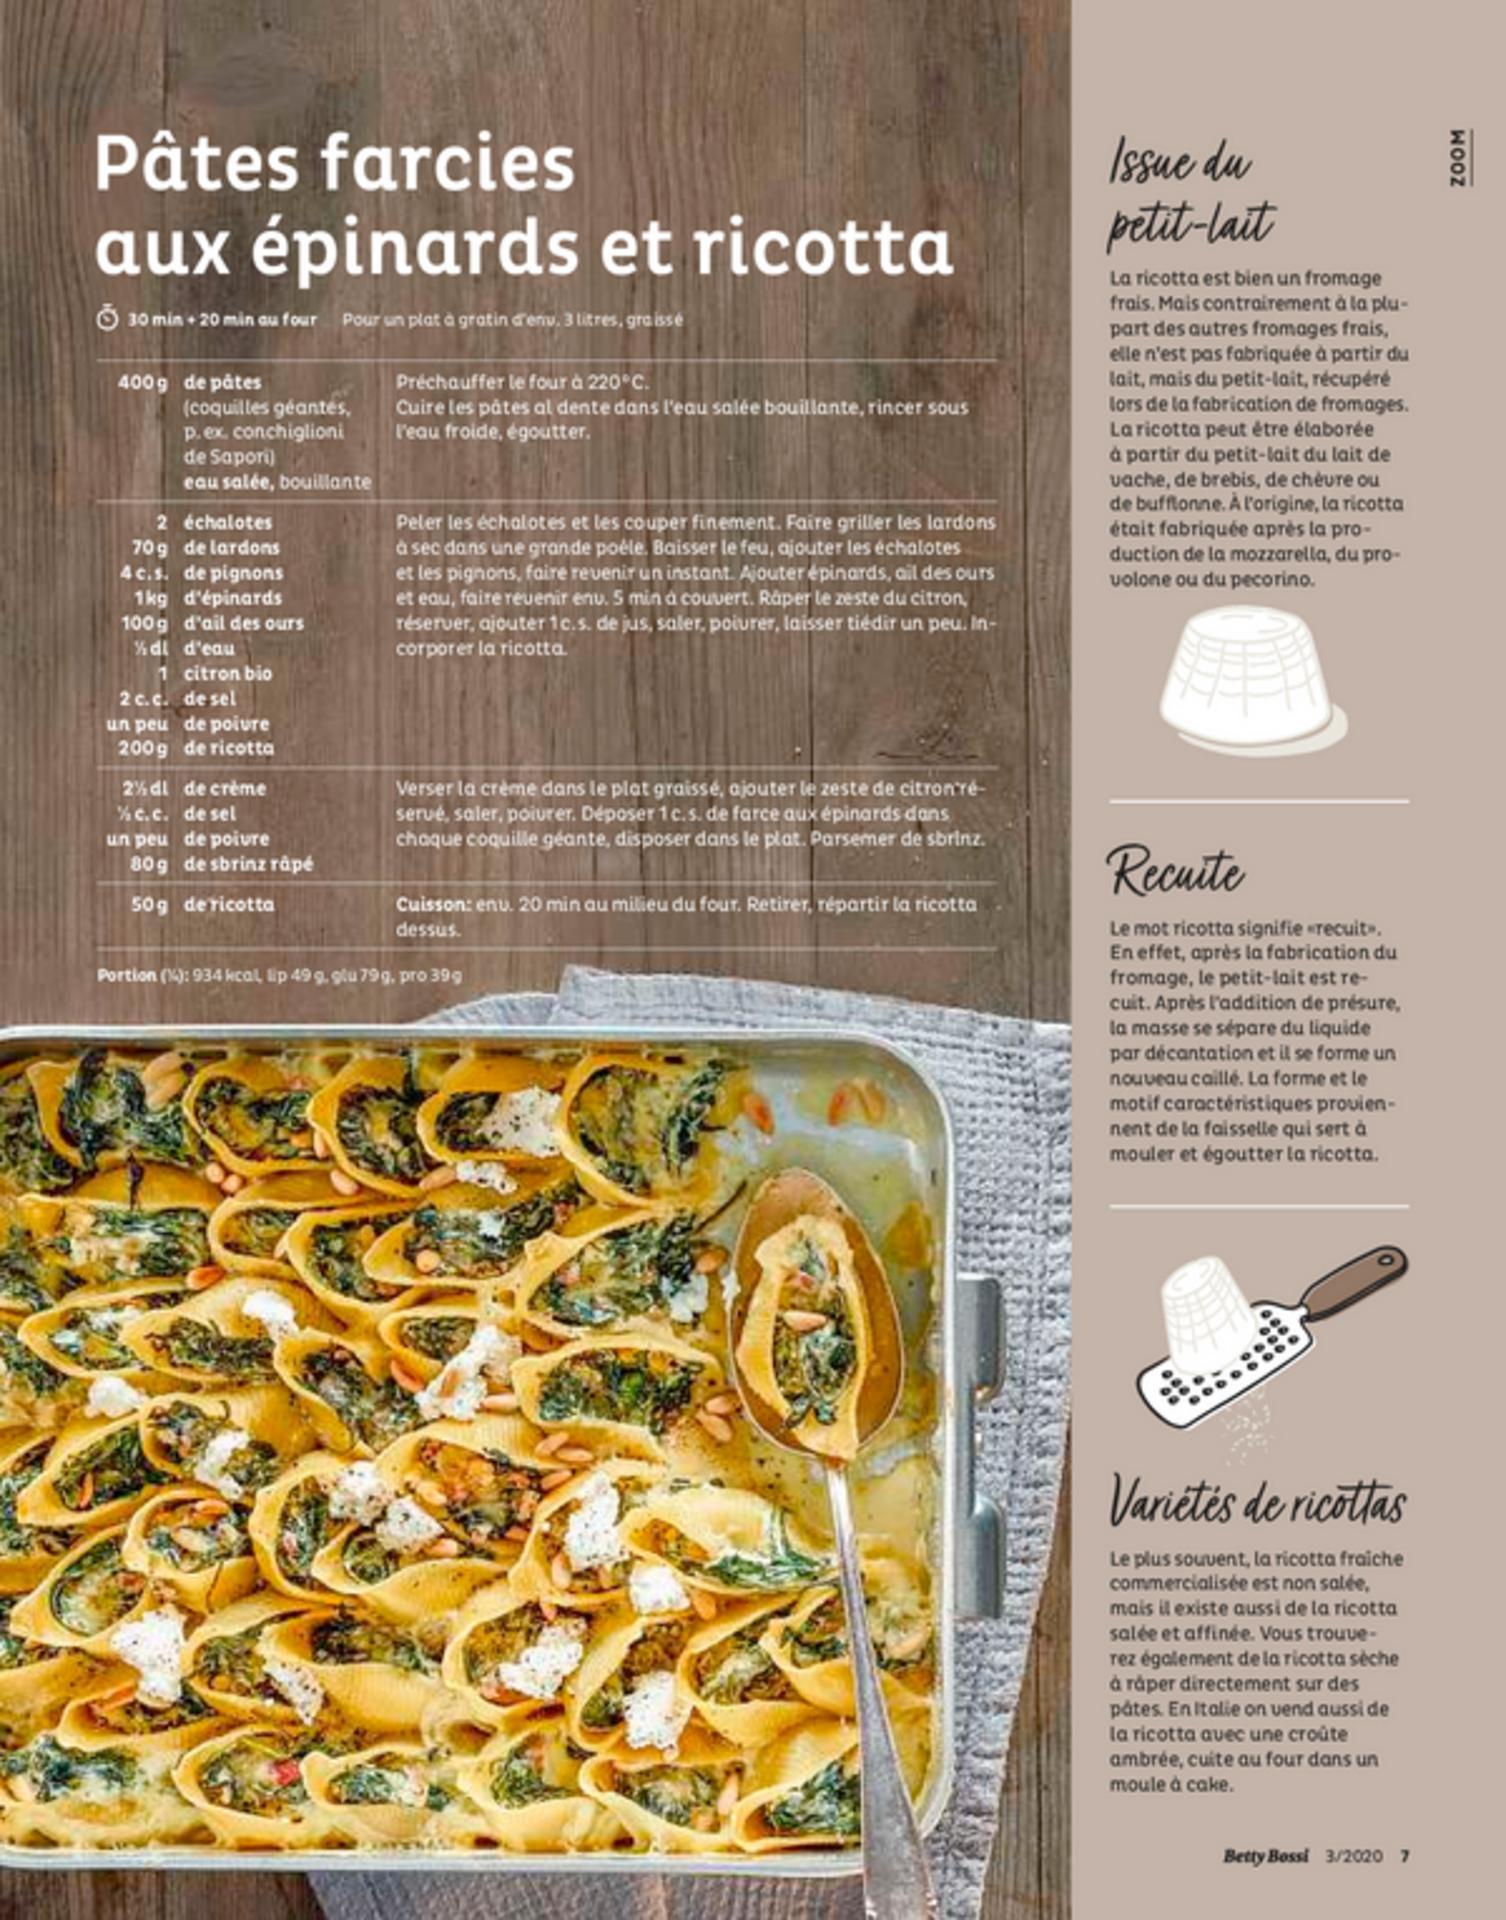 Pâtes farcies aux épinards et ricotta